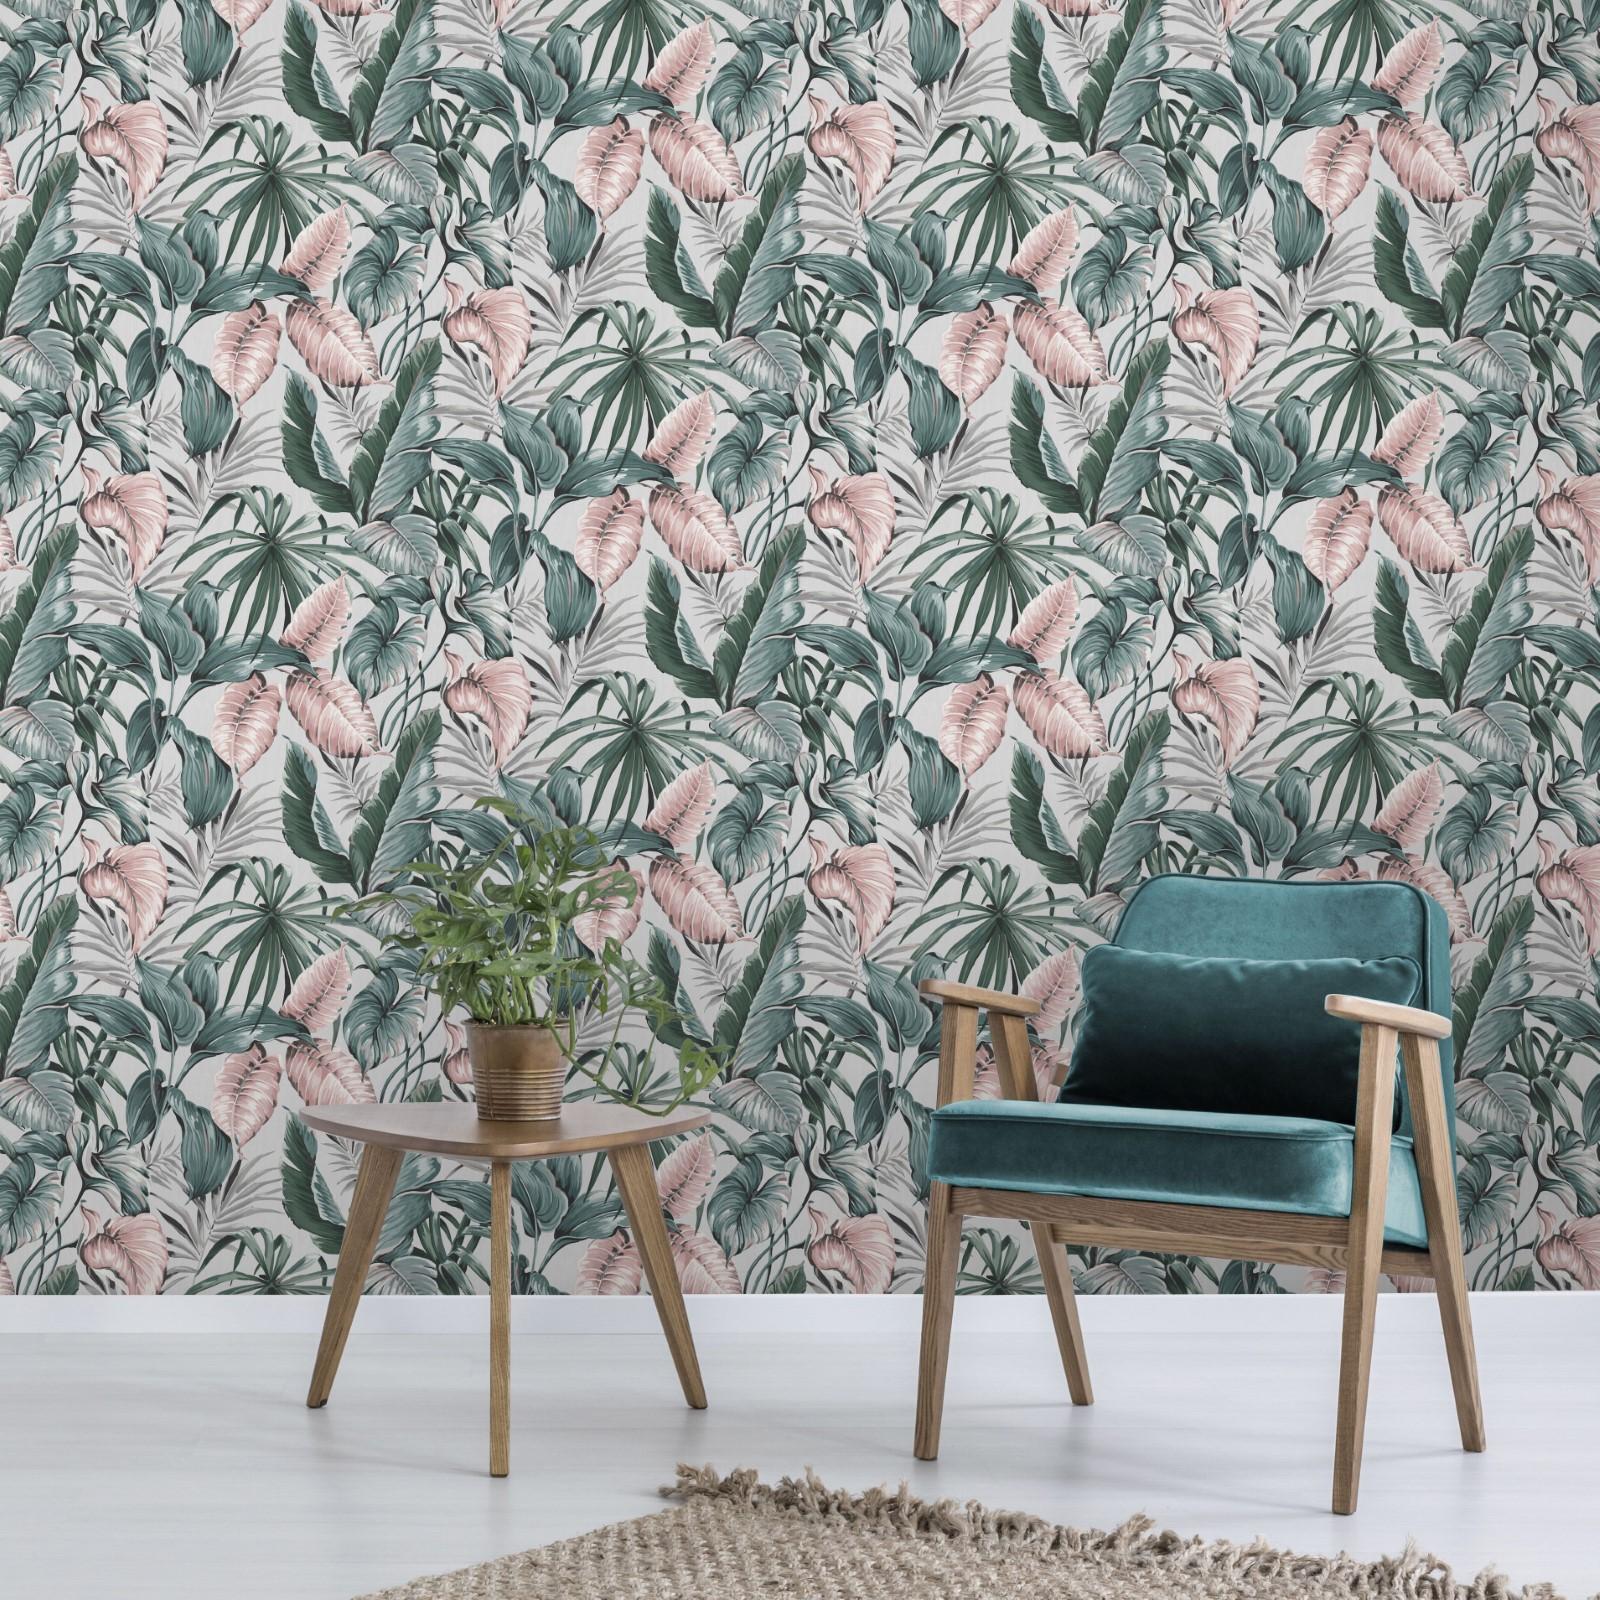 Papier peint intissé feuilles exotiques gris et rose 1005x52cm